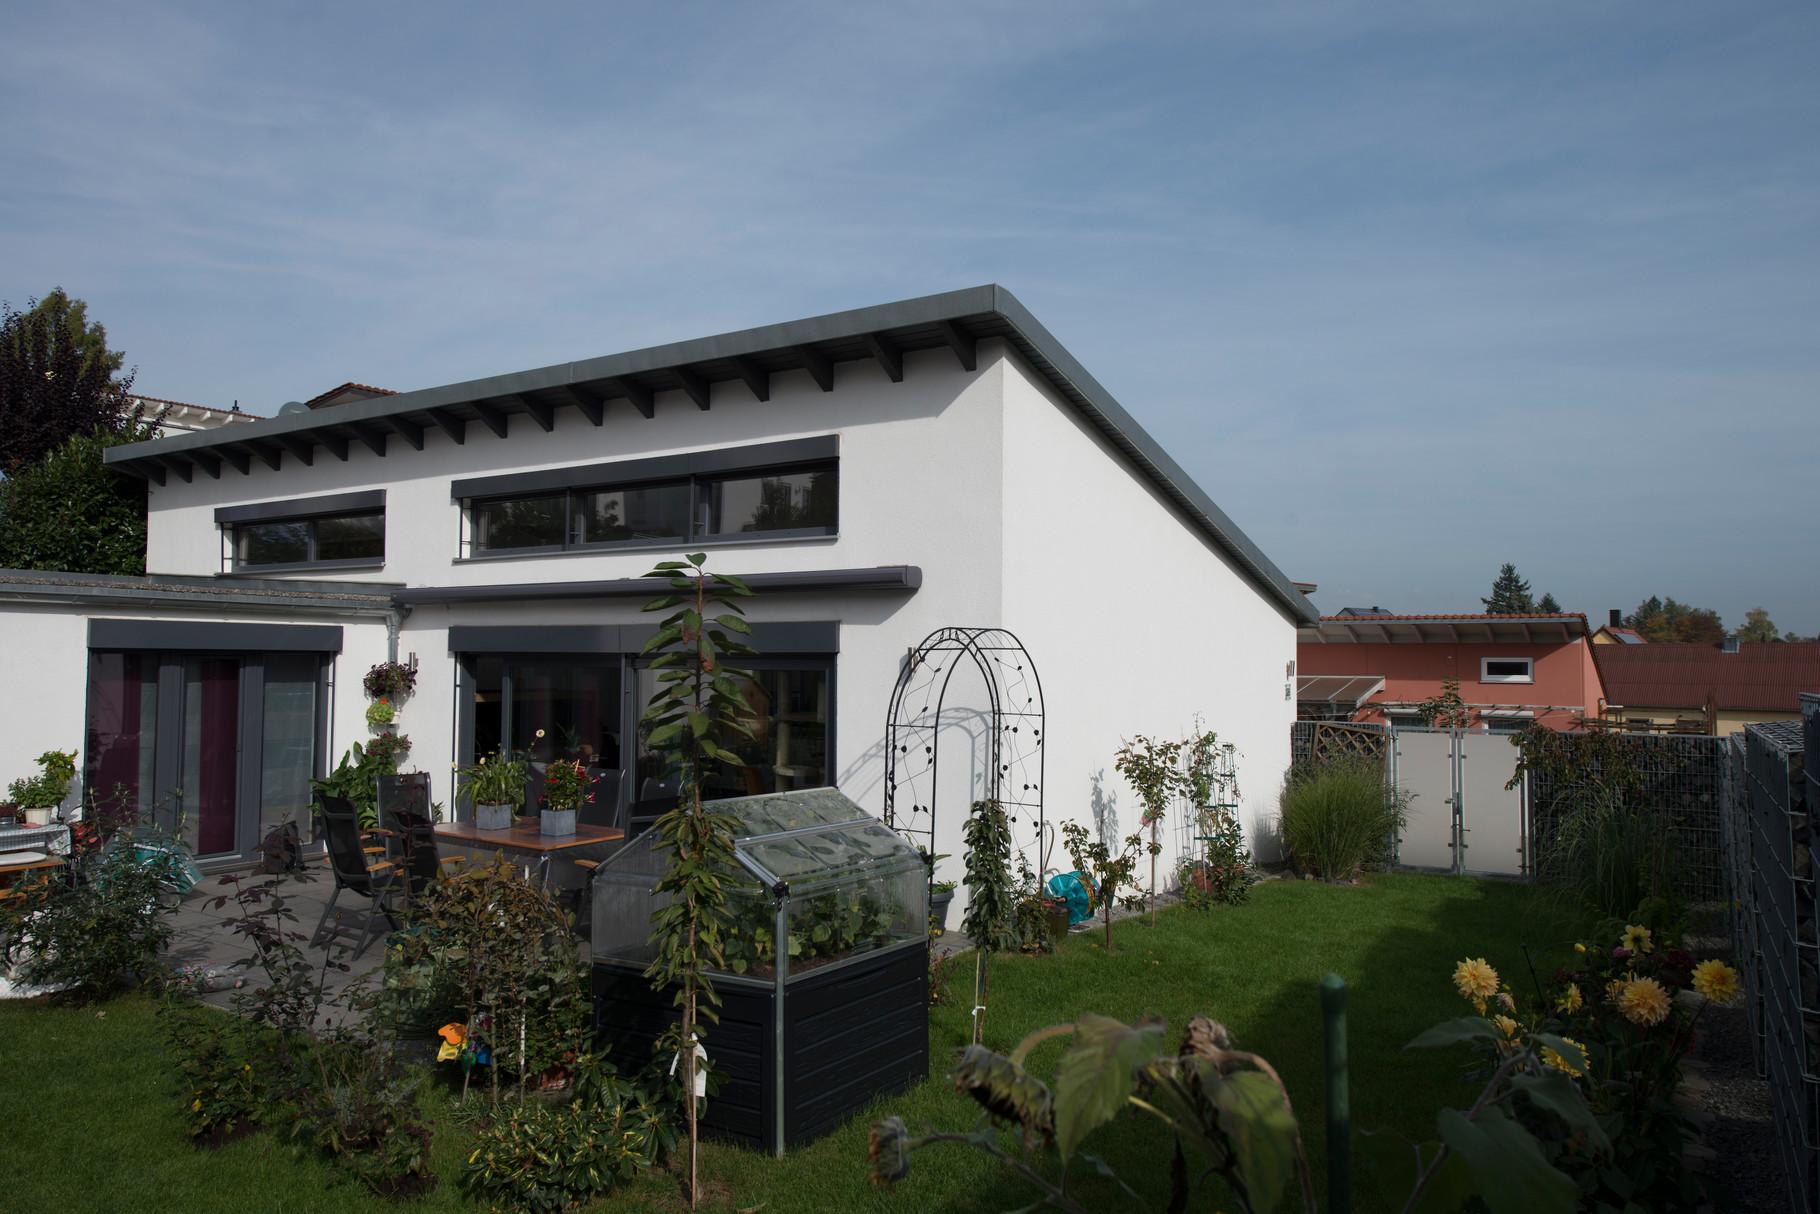 im atriumgarten hat man sein eigenes st ck welt wenisch gmbh leben bauen wohnen. Black Bedroom Furniture Sets. Home Design Ideas